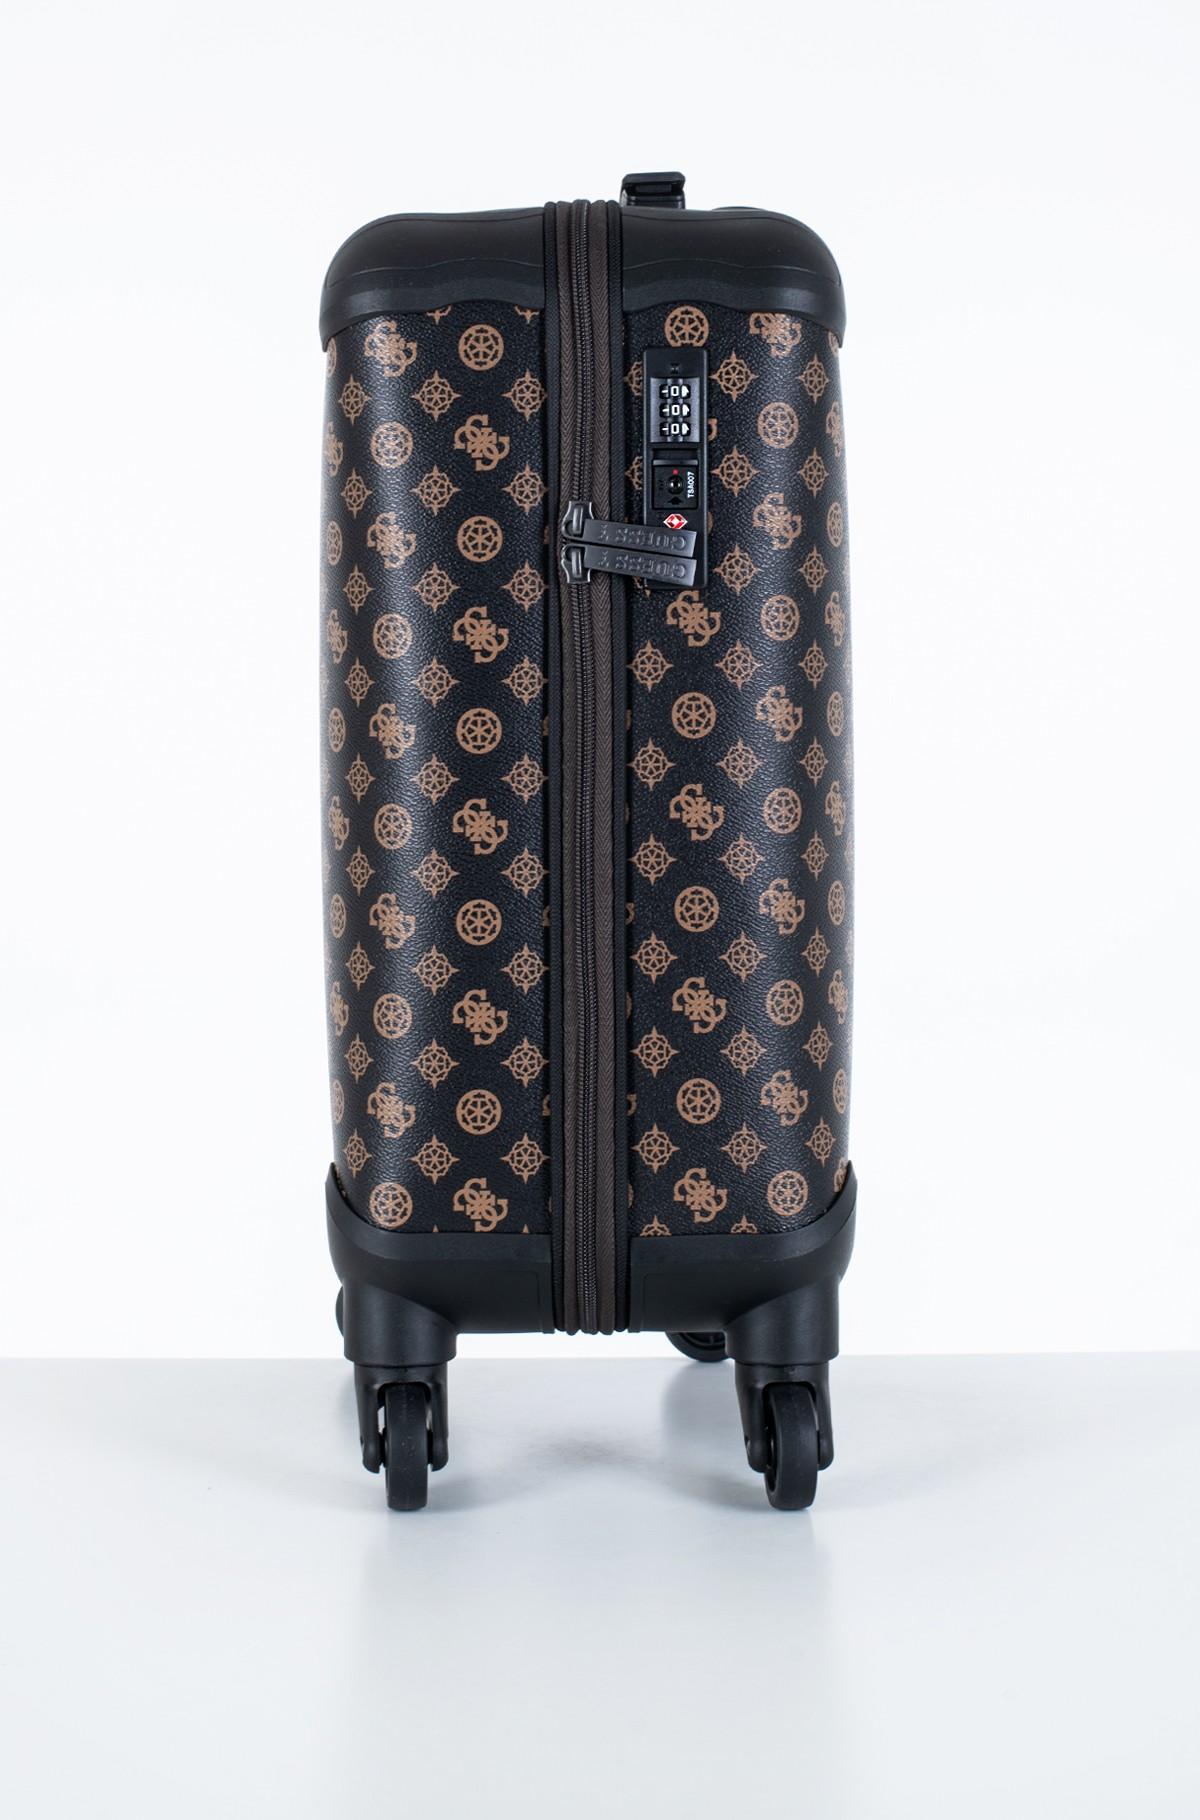 Reisikohver TWP745 29430-full-3